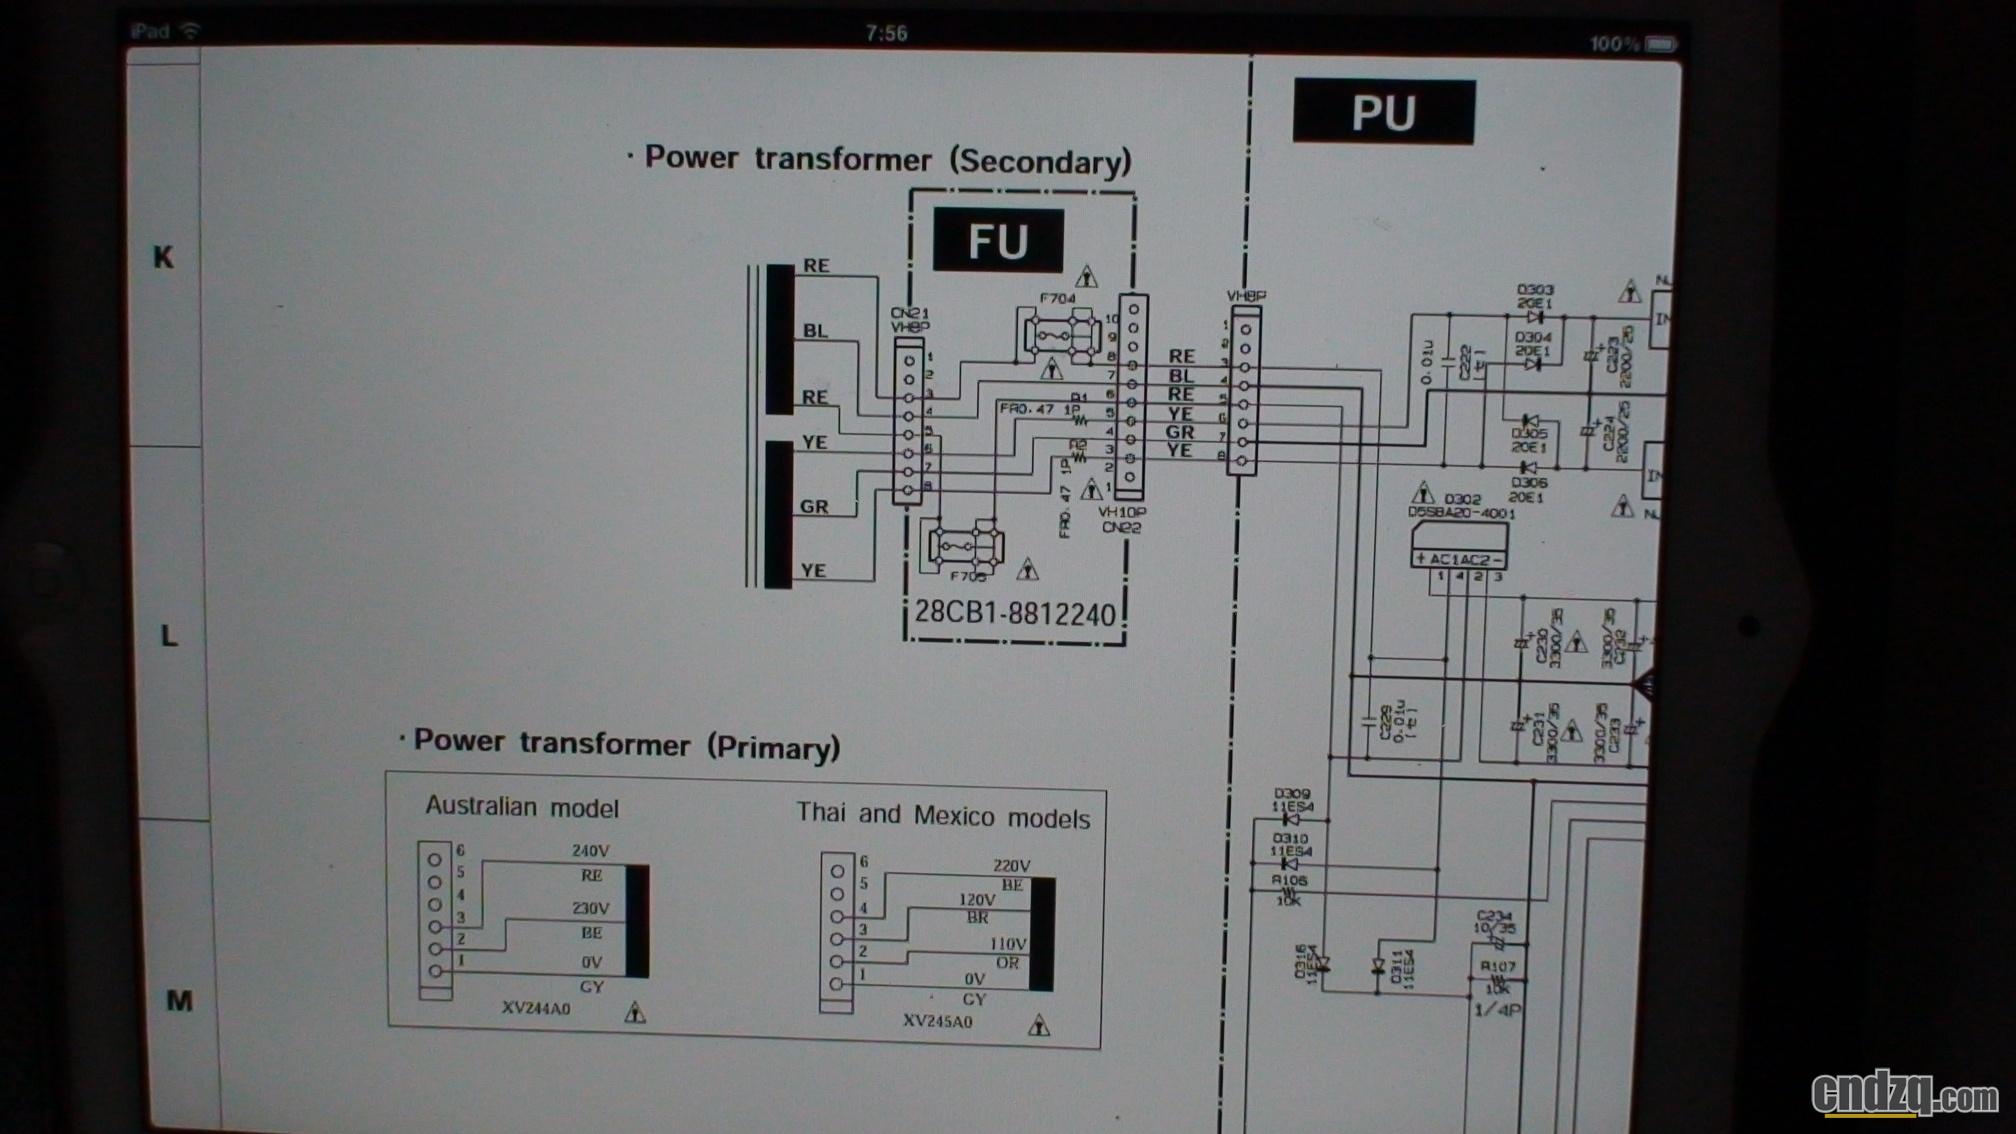 我是搞家电维修的,大部分电子琴内部是直流低压供电,12V给末级功放IC,5V给CPU供电,所以要外接电源适配器才可以(有的琴电源板在内部),如果你的琴是属于外接电源适配器的,你这样把220V直接送入电路板,电压瞬间高出20倍之多,基本可以说是毁灭性的,里面的IC以及晶体管会在瞬间测底击穿,损坏范围恐怕会很大,基本没有维修价值,除非换板。有的人说换7A保险,不知道他物理怎么学的,220X7=1540,一个电子琴能有1540W吗?真服了! 补充内容 (2015-2-12 08:05): 110V220V壬p